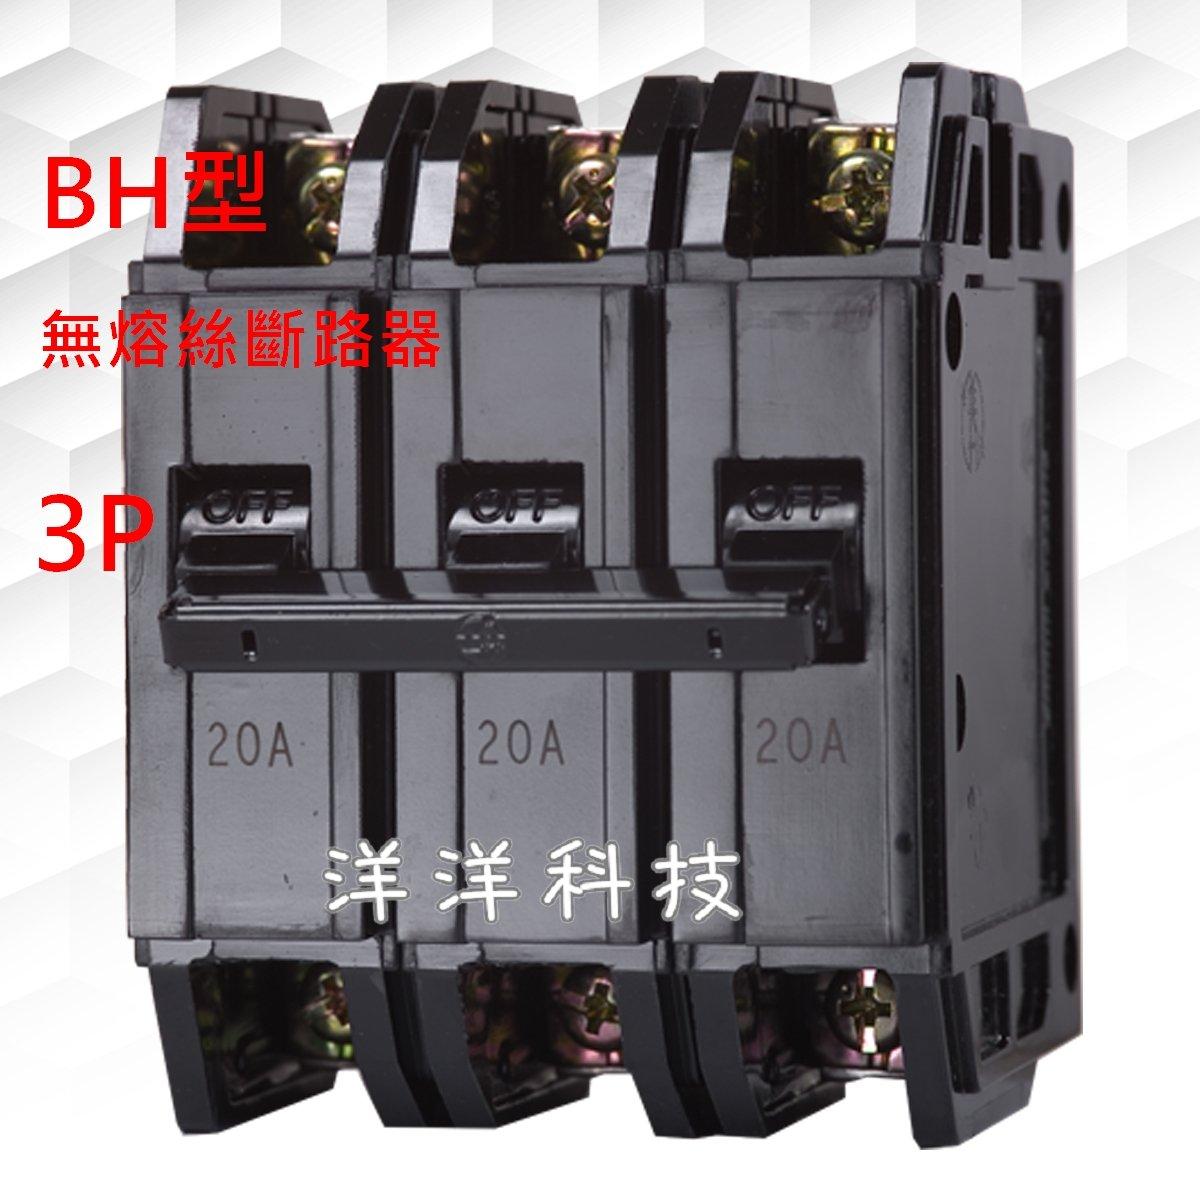 【洋洋小舖】士林 無熔絲斷路器 BREAKER BH型 3P 10A 15A 20A 30A 50A 無熔絲開關